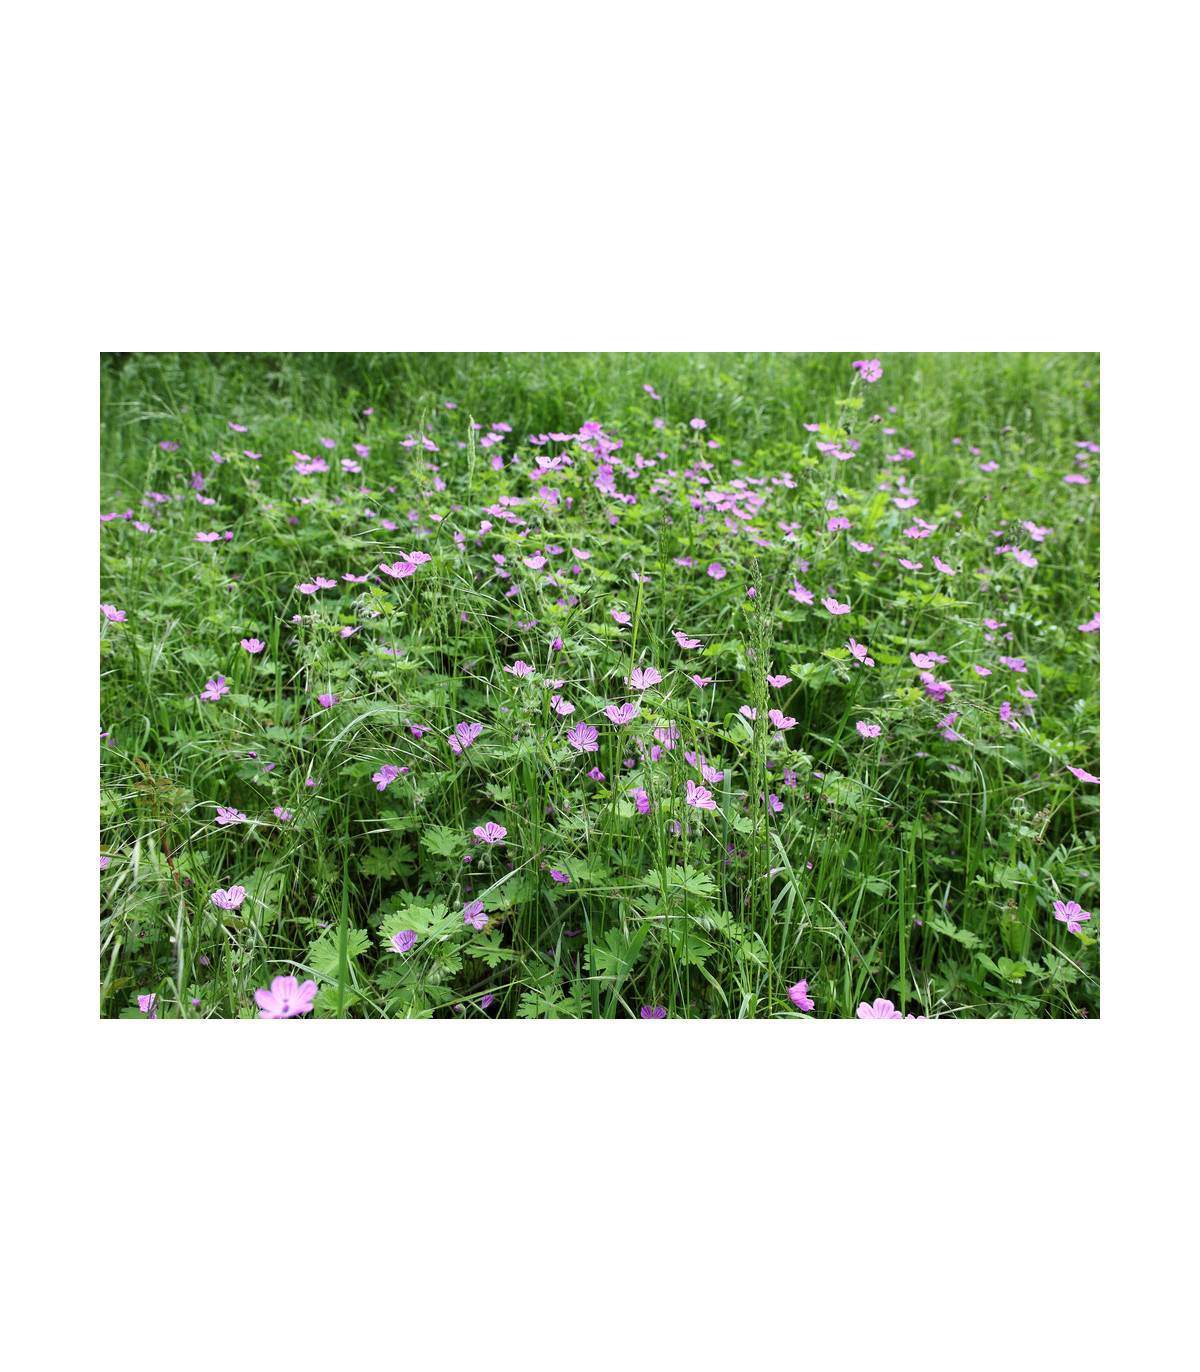 Pakost smradľavý - Geranium robertianum - semená - 10 ks